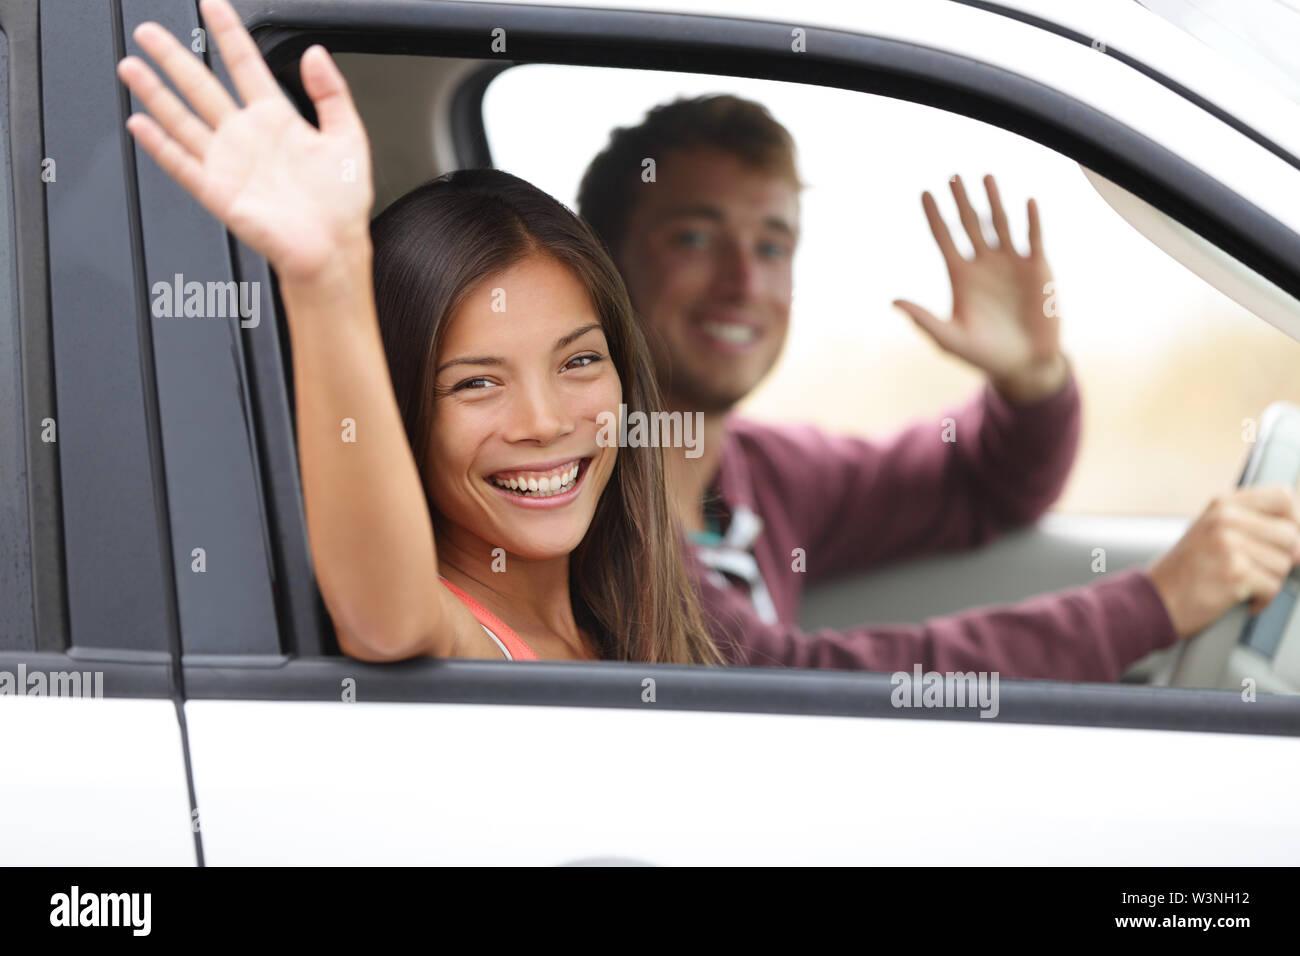 Los conductores conducir en coche ondeando feliz en la cámara. Pareja joven en viaje por carretera en coche nuevo. Feliz pareja interracial. Imagen De Stock